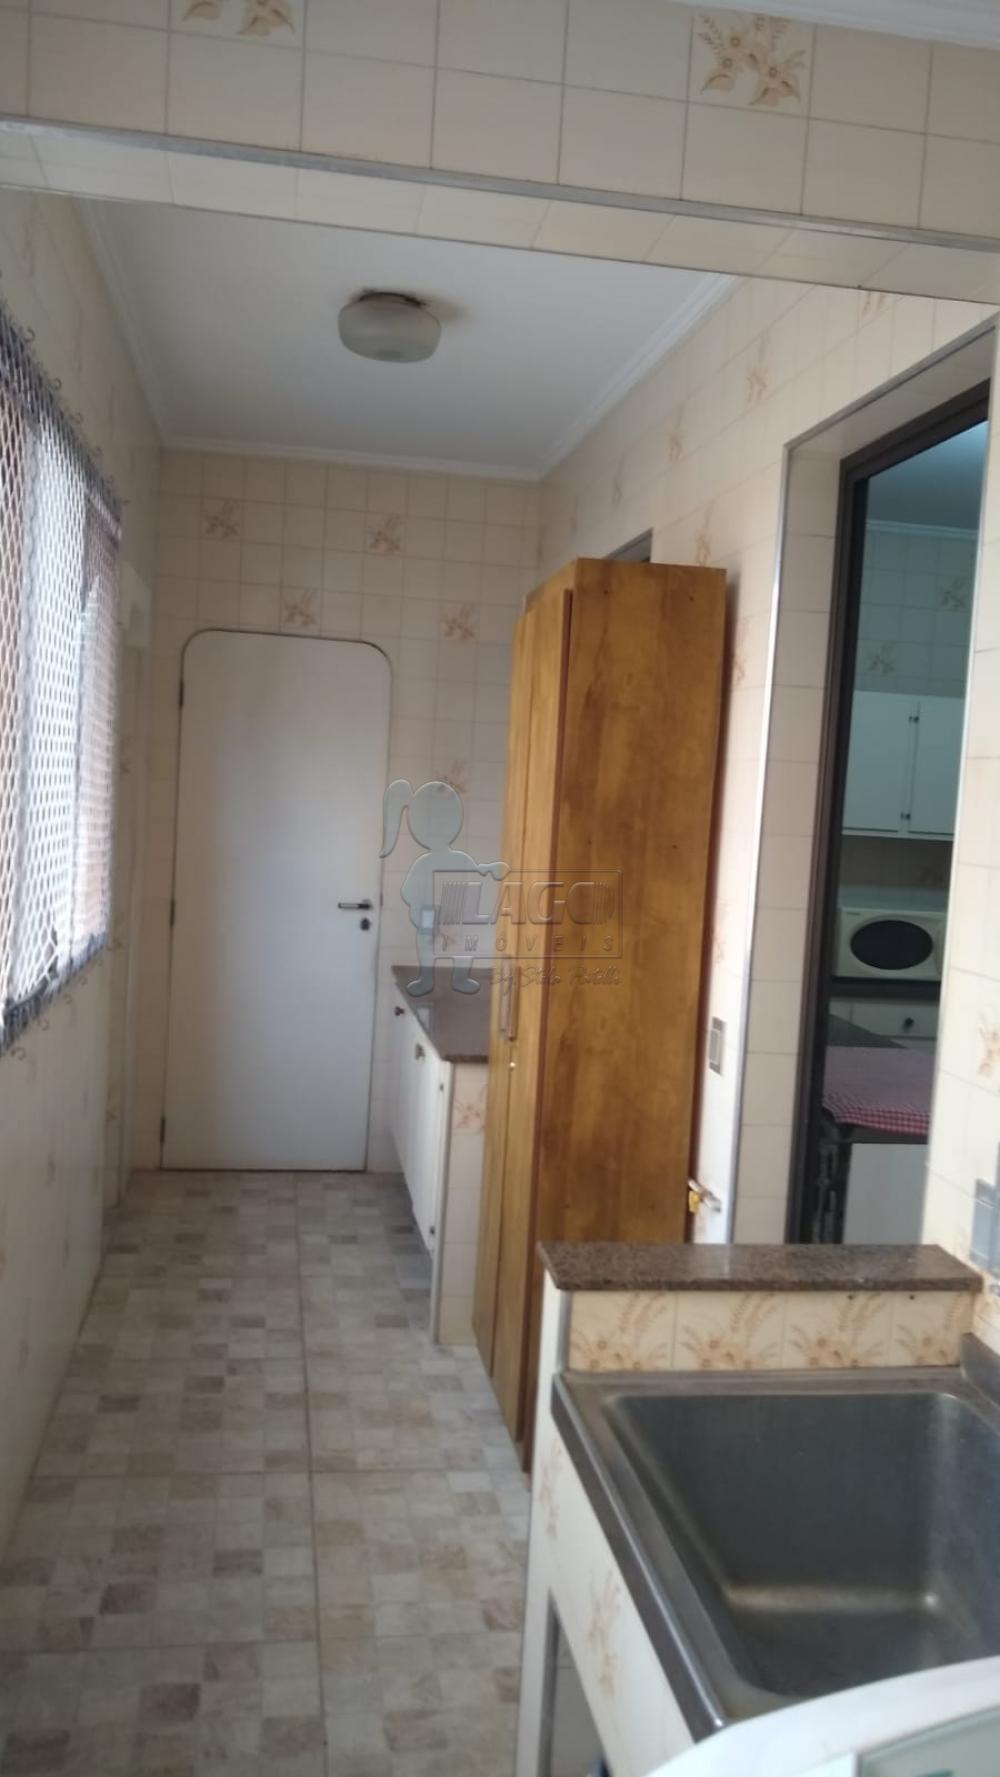 Comprar Apartamento / Padrão em Ribeirão Preto apenas R$ 470.000,00 - Foto 31